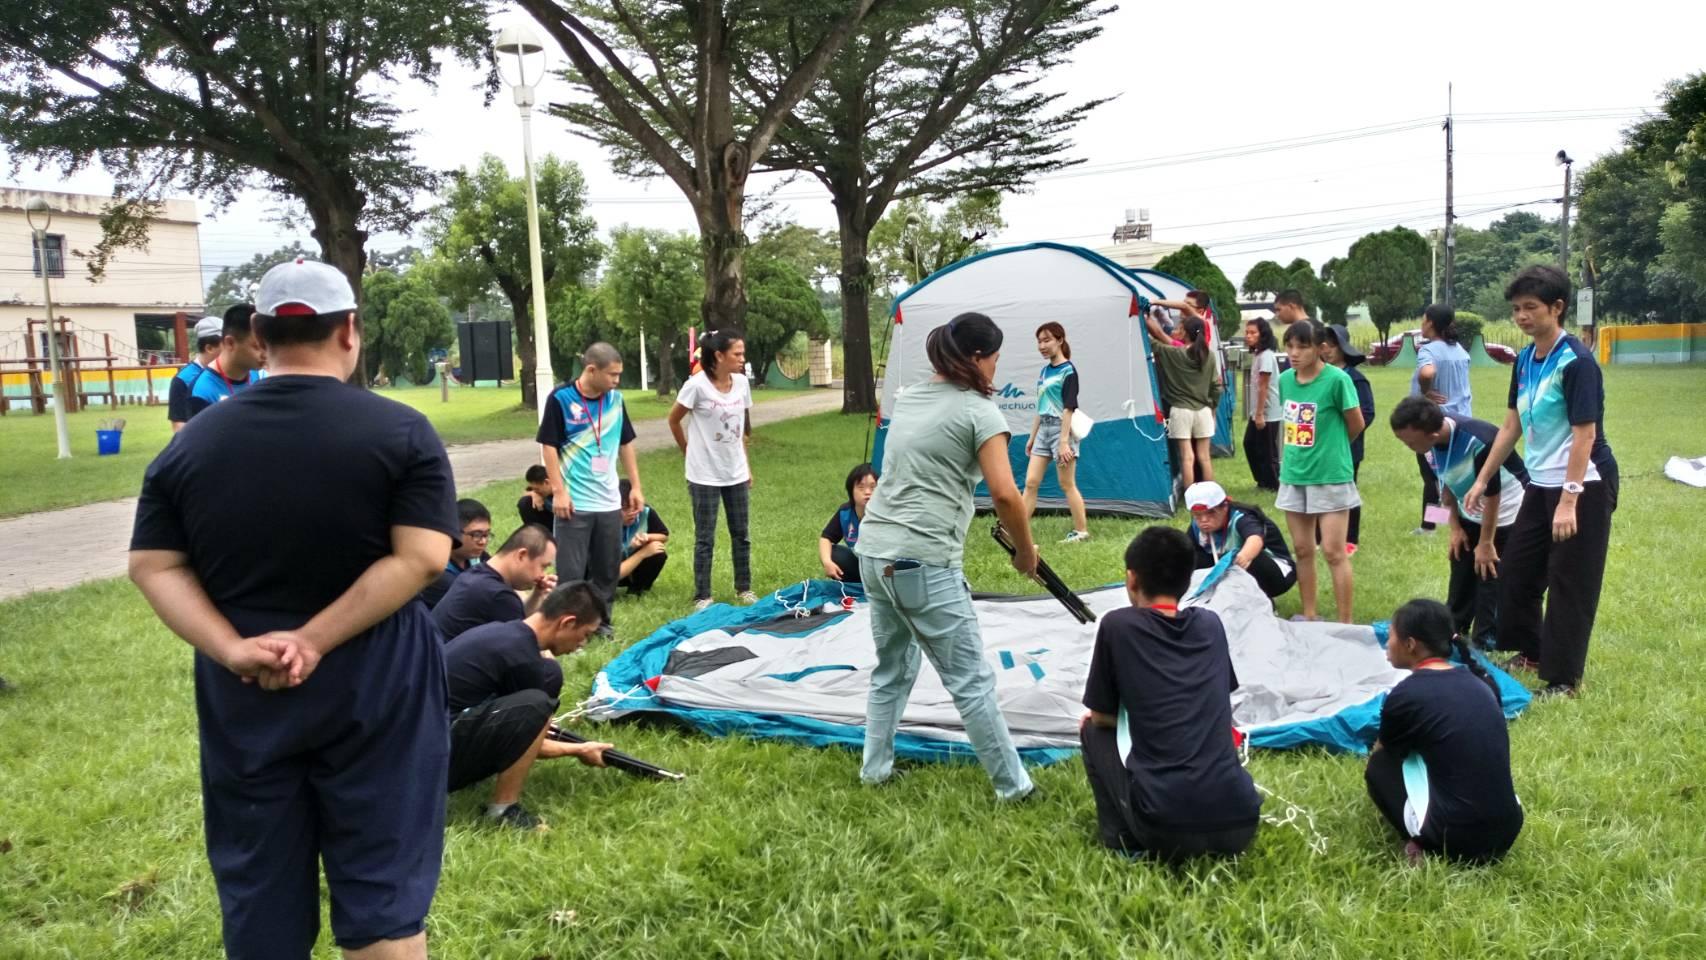 分享文章萬丹日間作業設施的師生, 到崙川露營區體驗搭帳棚、露營。 大家都玩得不亦樂乎呢!  &nb […]